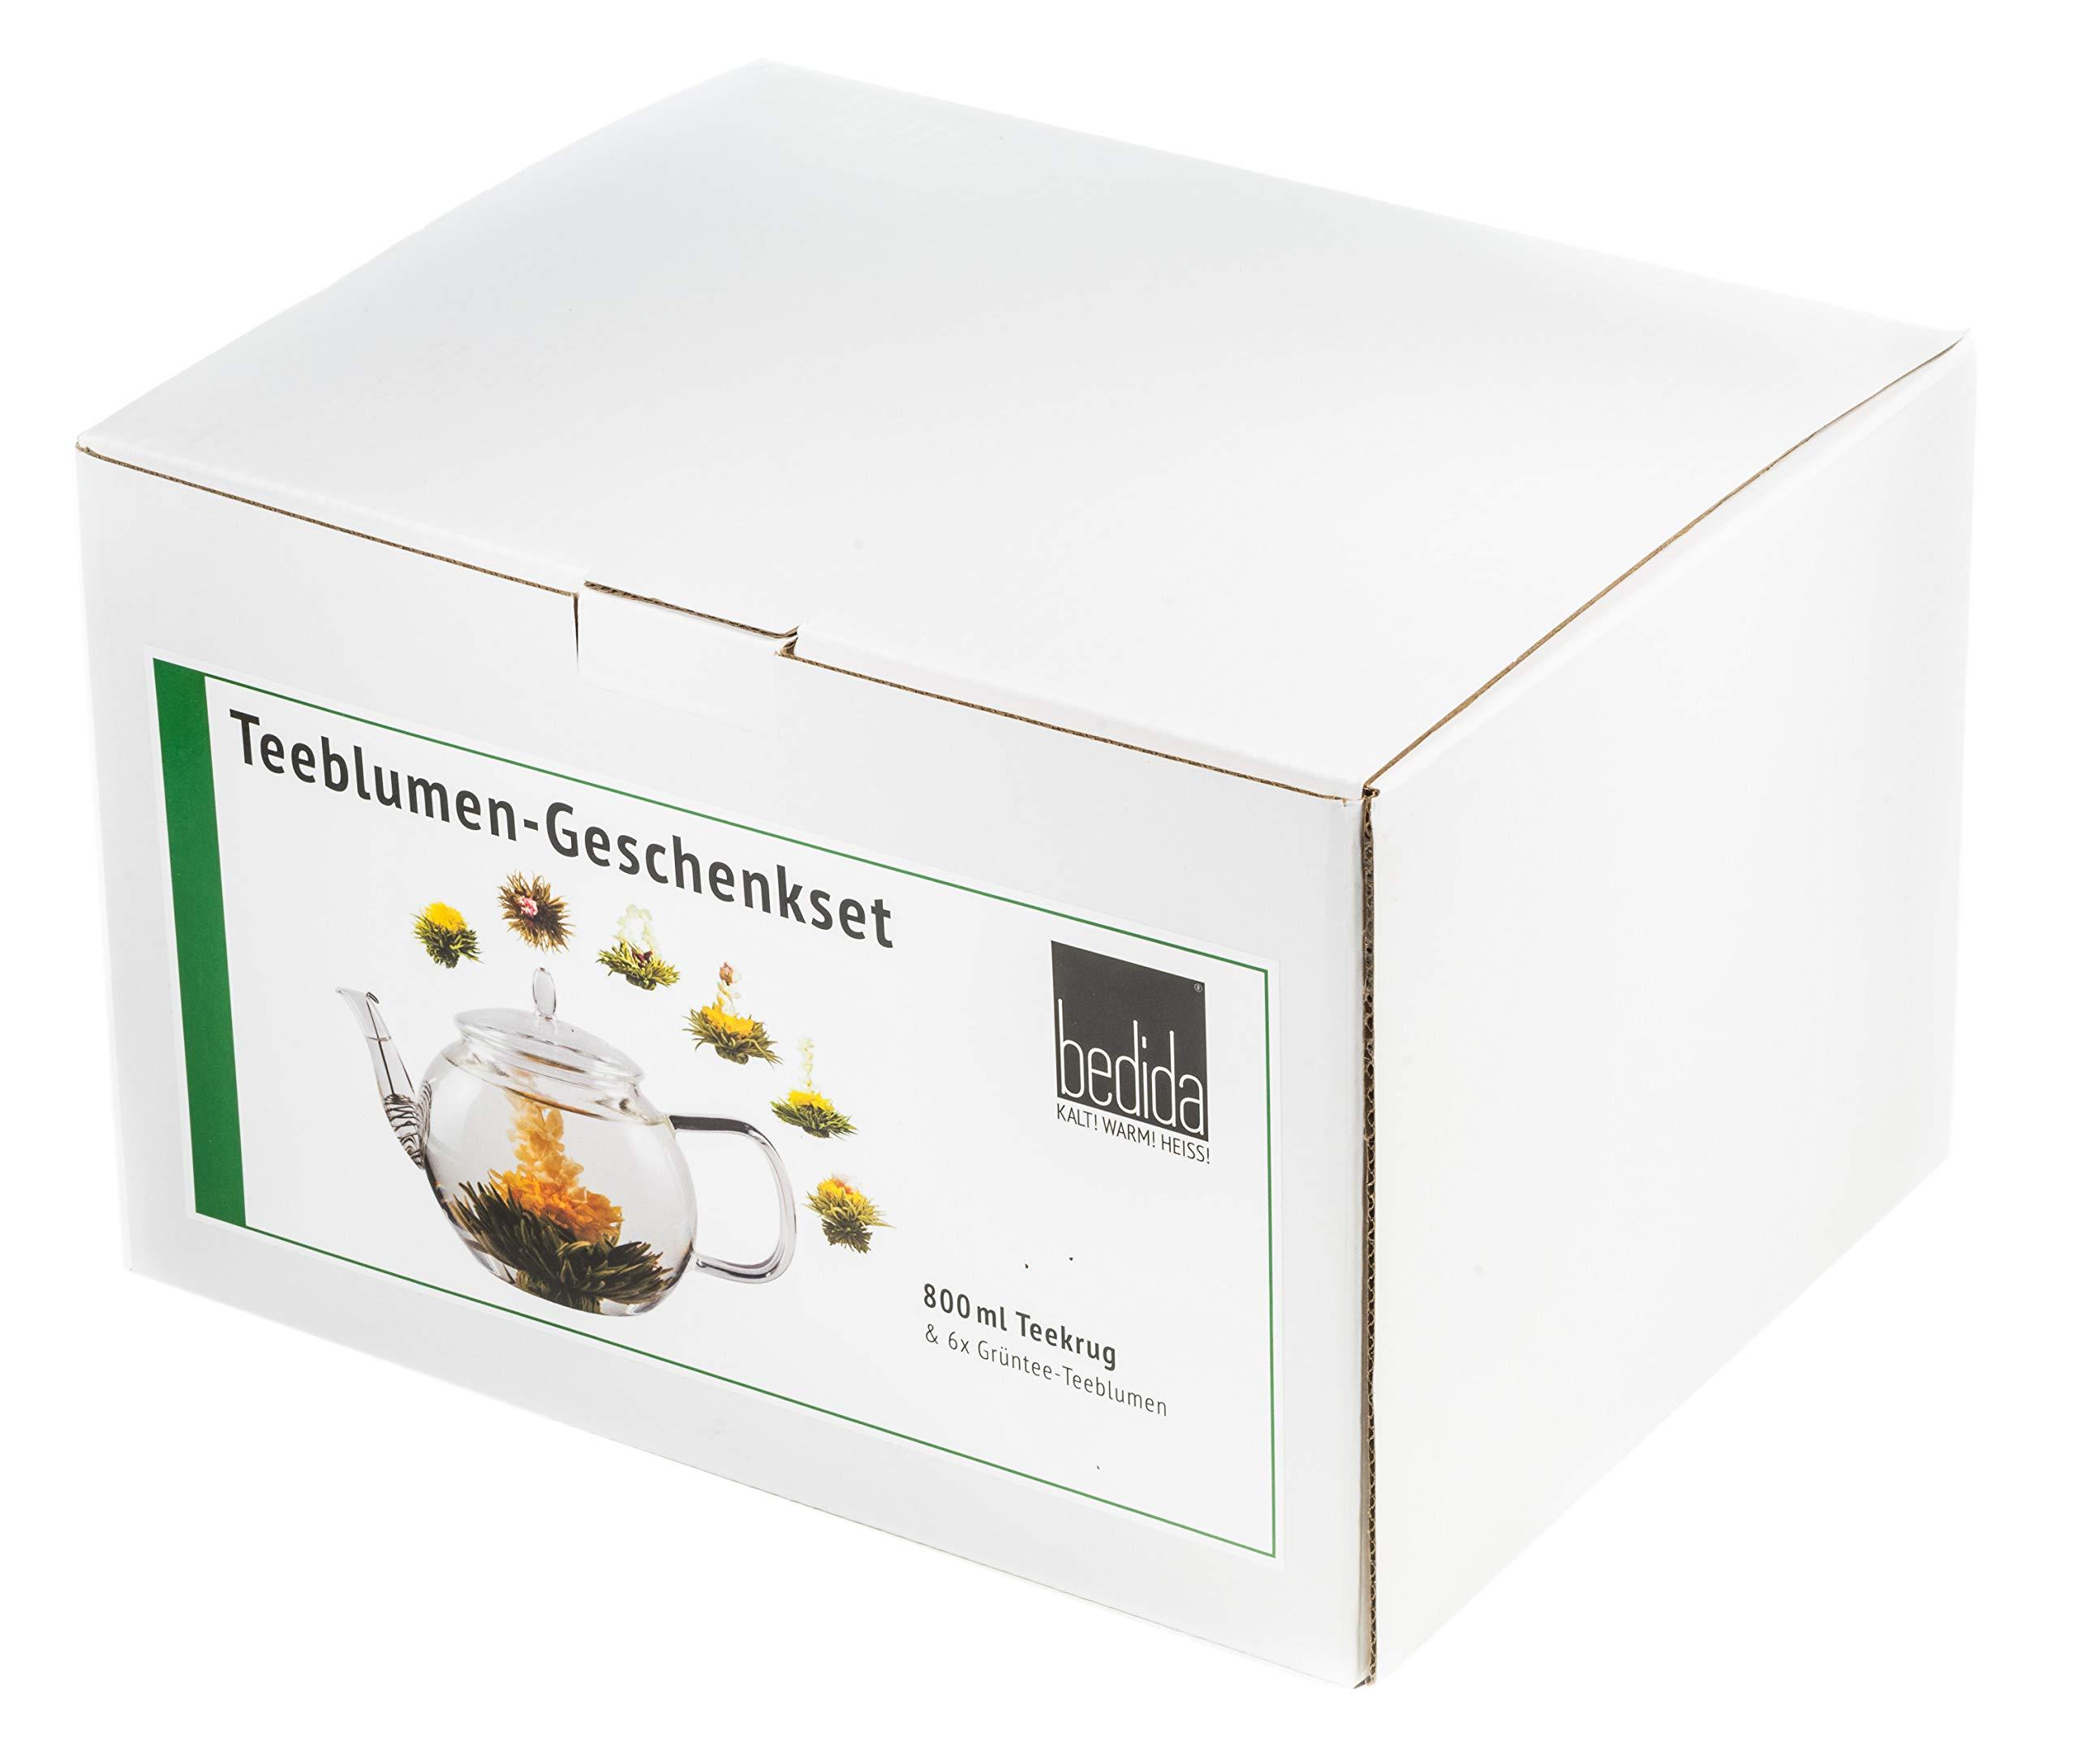 800FG-GRNTEE-TEEBLUMEN-GESCHENKSET-800ML-TEEKANNE-6x-GRNTEE-TEEROSENgrner-Erblhtee-Teerosenals-Geschenk-zum-MUTTERTAG-by-Feelino